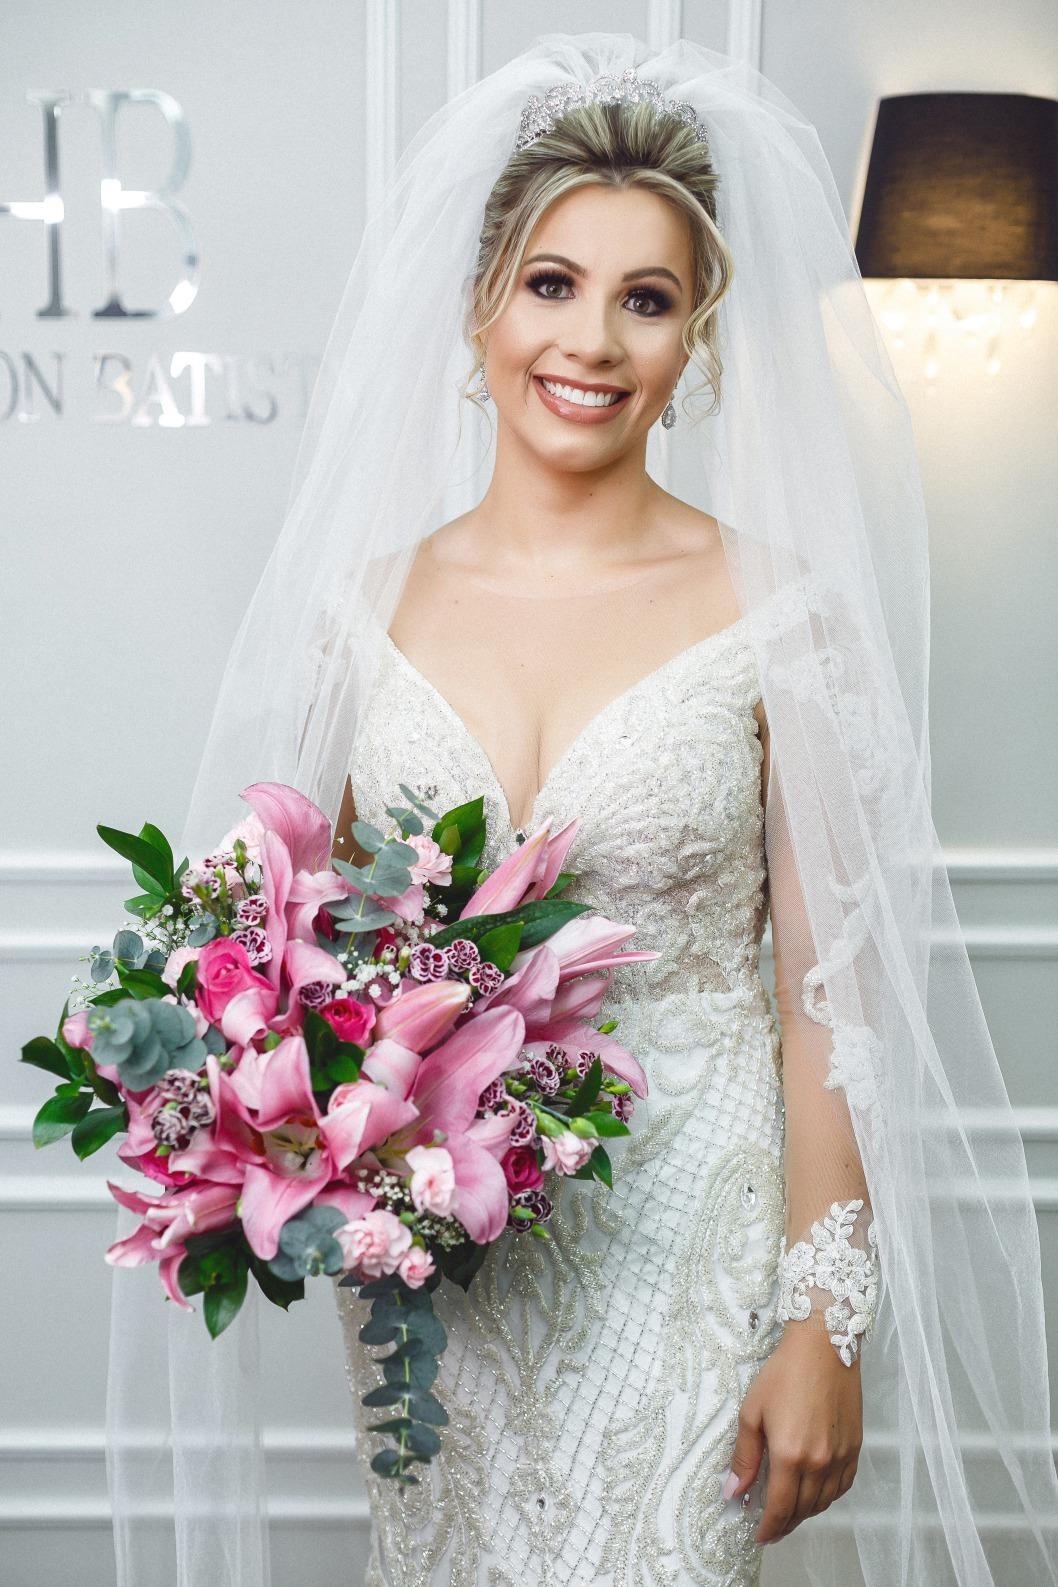 Casamento em Itaúna de Sabrina e Marcelo - Vestido Zephora Linha Premium - Foto Demetrio Laurentys